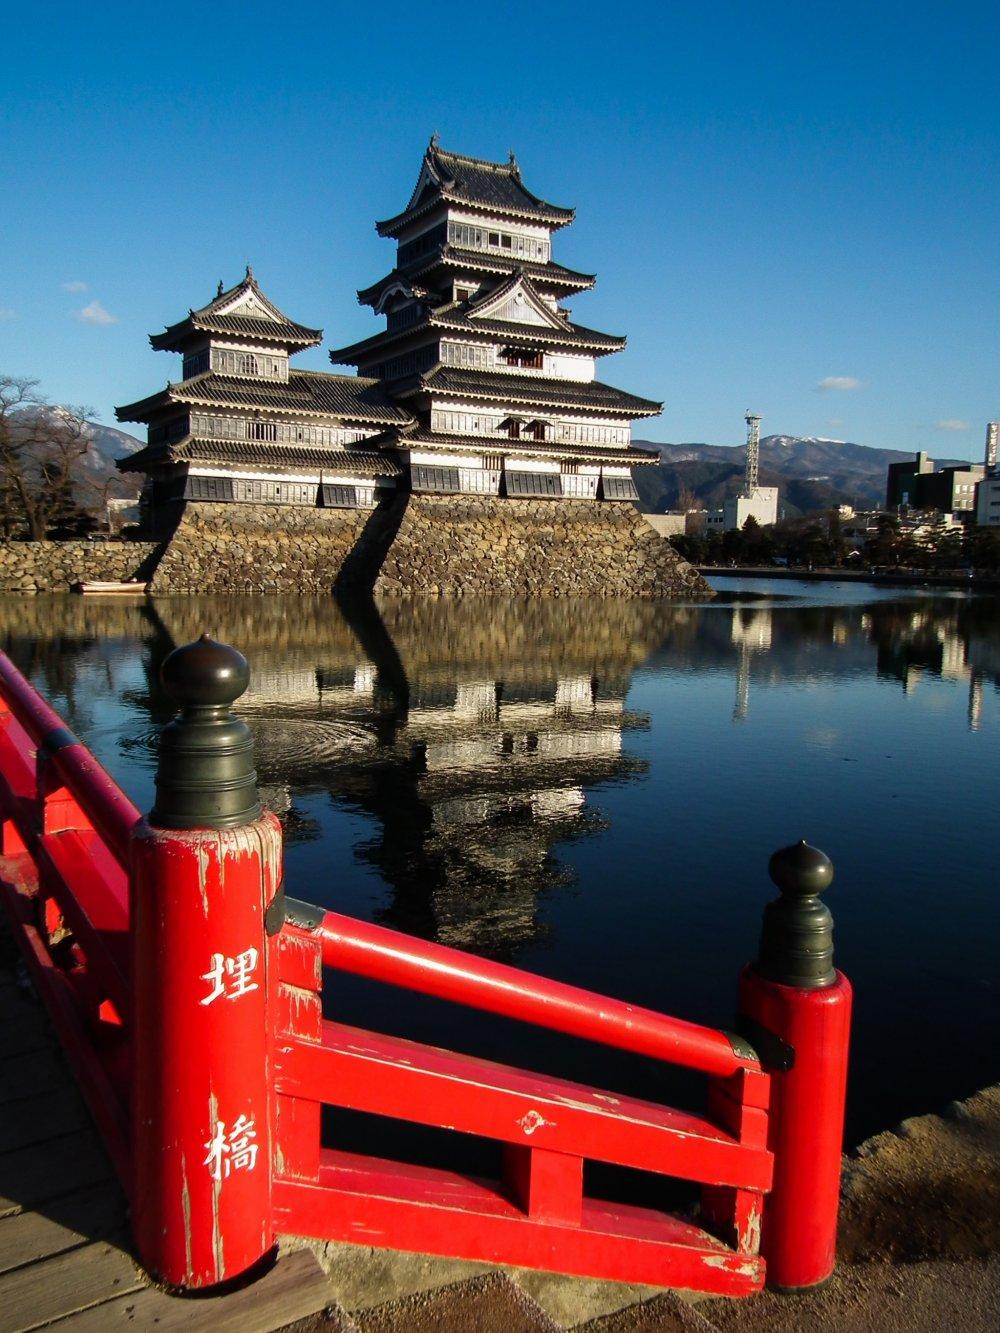 ปราสาทมัตซึโมโต้ หนึ่งในสัญลักษณ์ของเมืองนากาโน่